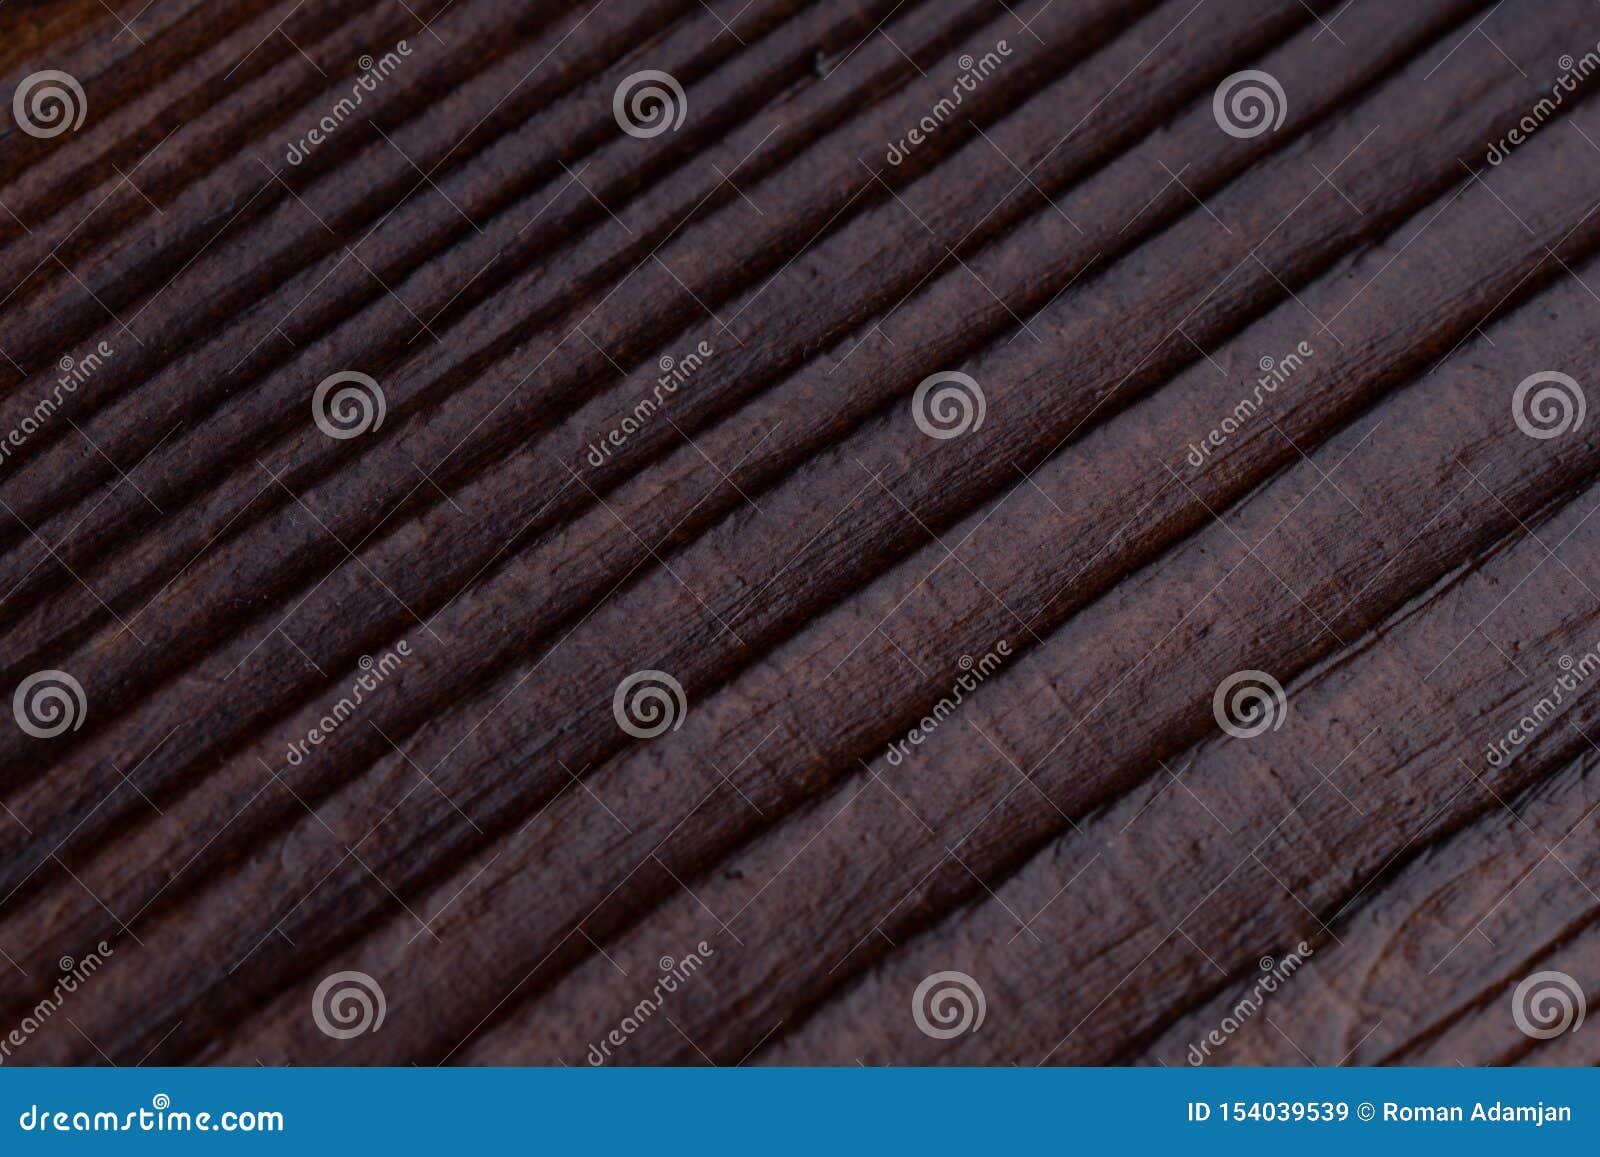 υπόβαθρο της παλαιάς ξύλινης δομής αγροτικός τρύγος